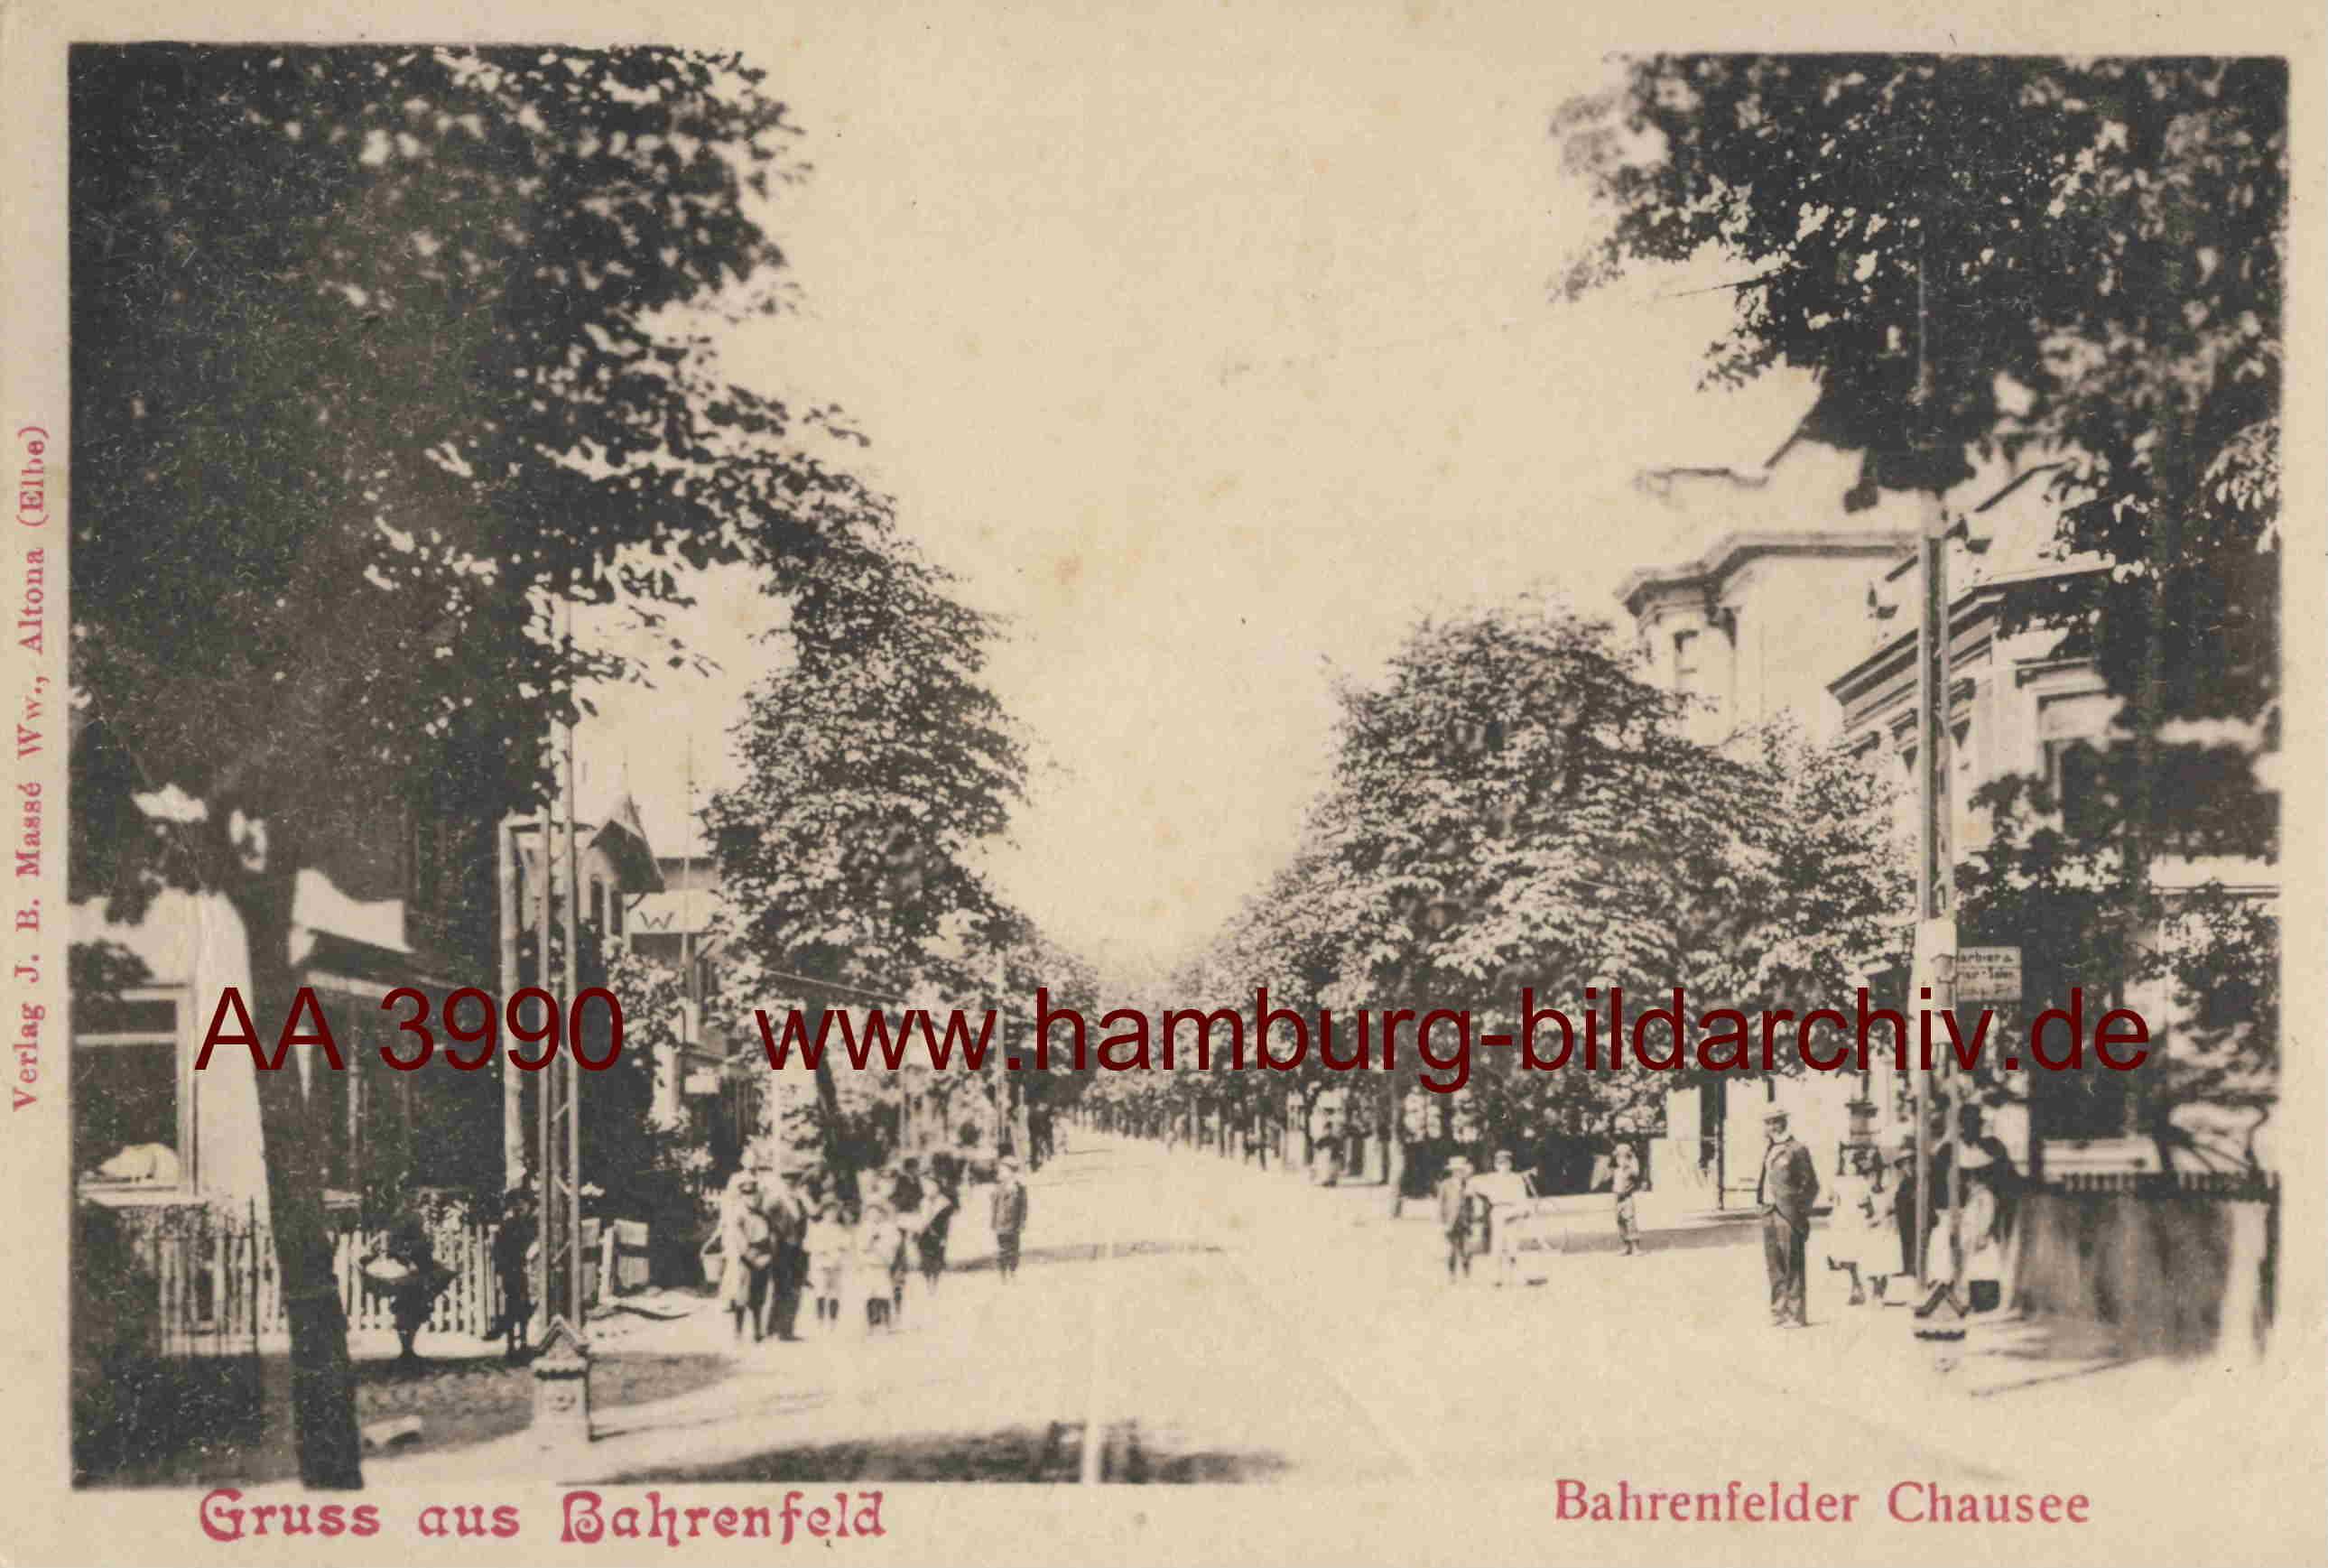 bahrenfelder chaussee hamburg